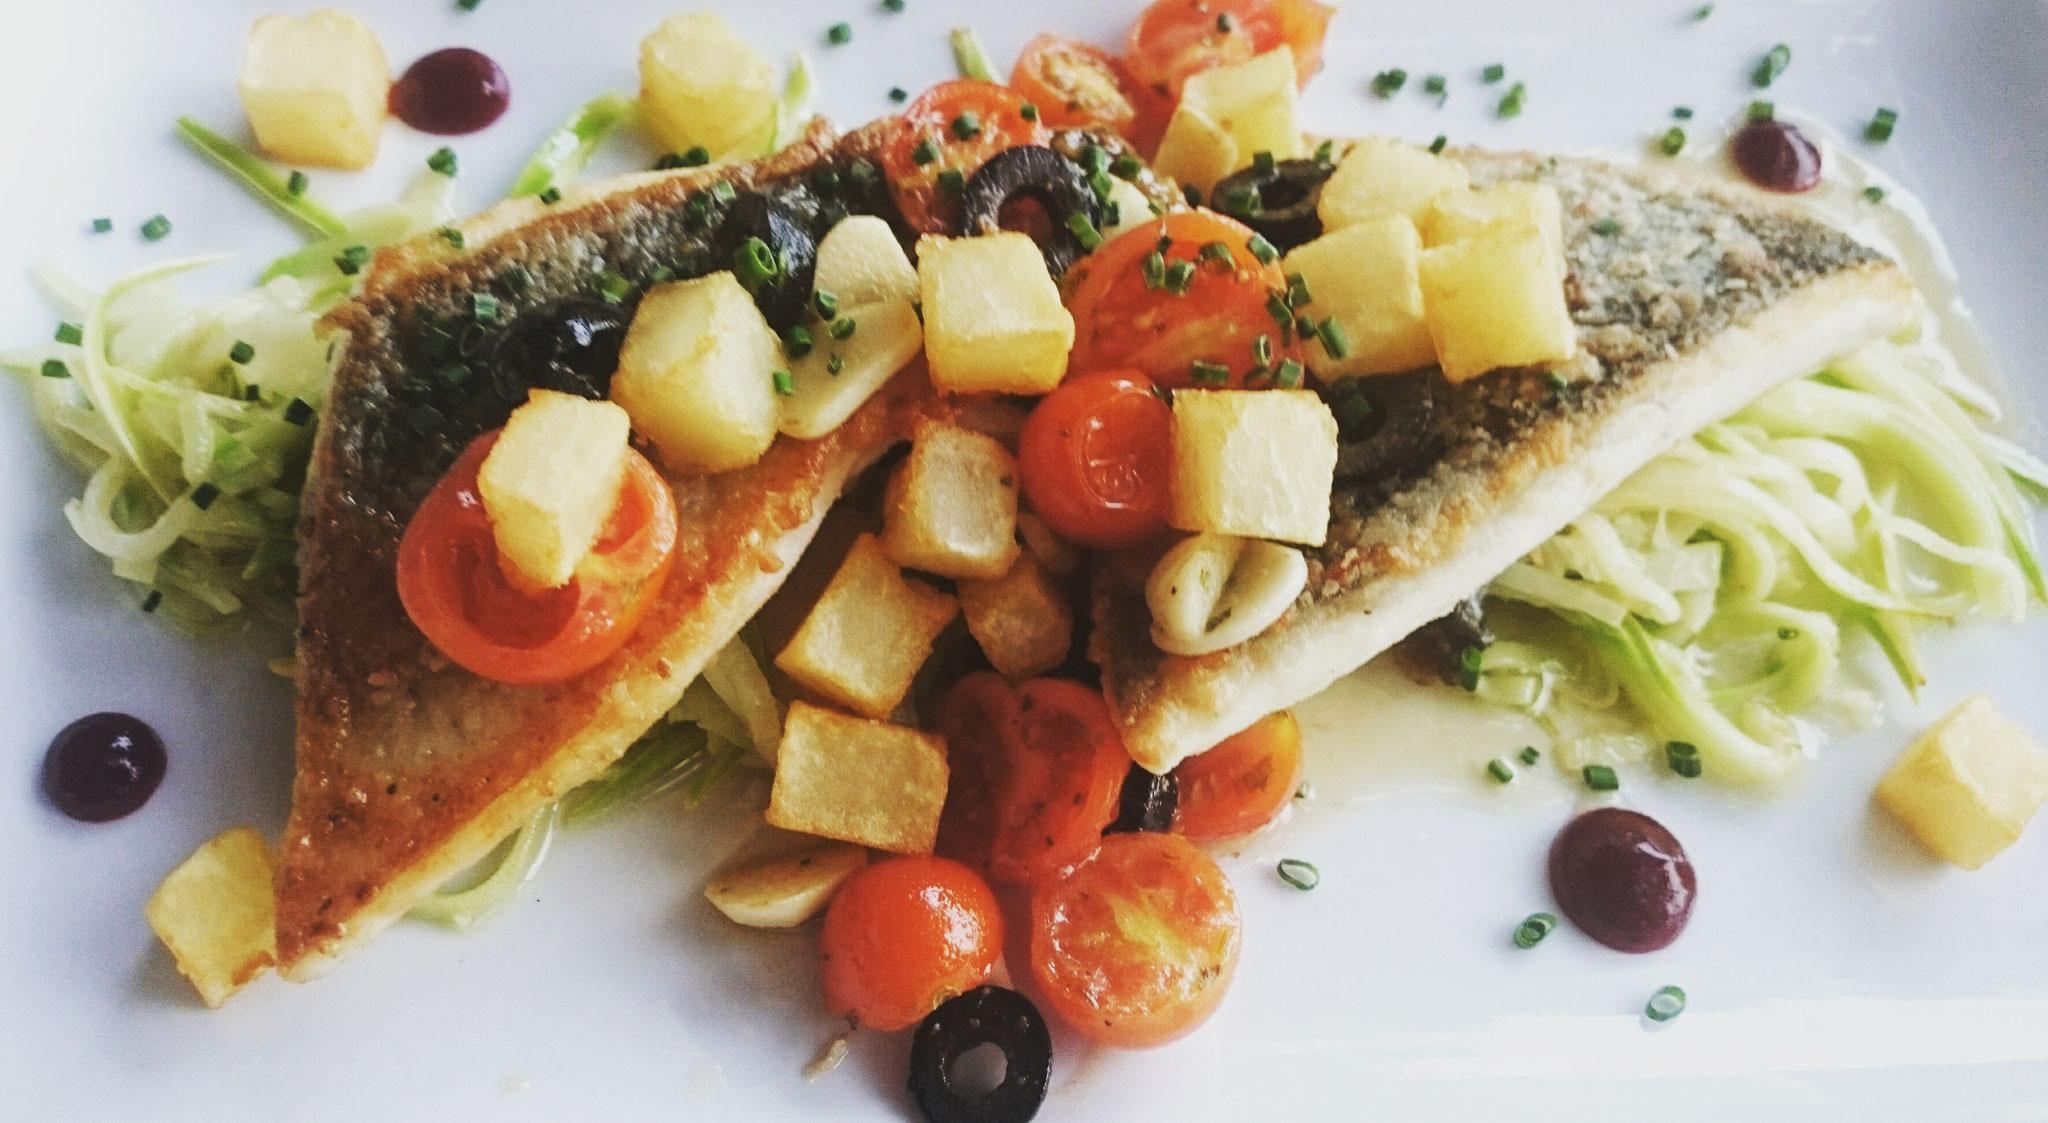 Leckeres Abendessen 🍴 Fischfilet auf Zucchinispaghetti mit Tomaten, Knoblauch, Oliven, Kartoffelwürfel und Kräutern.